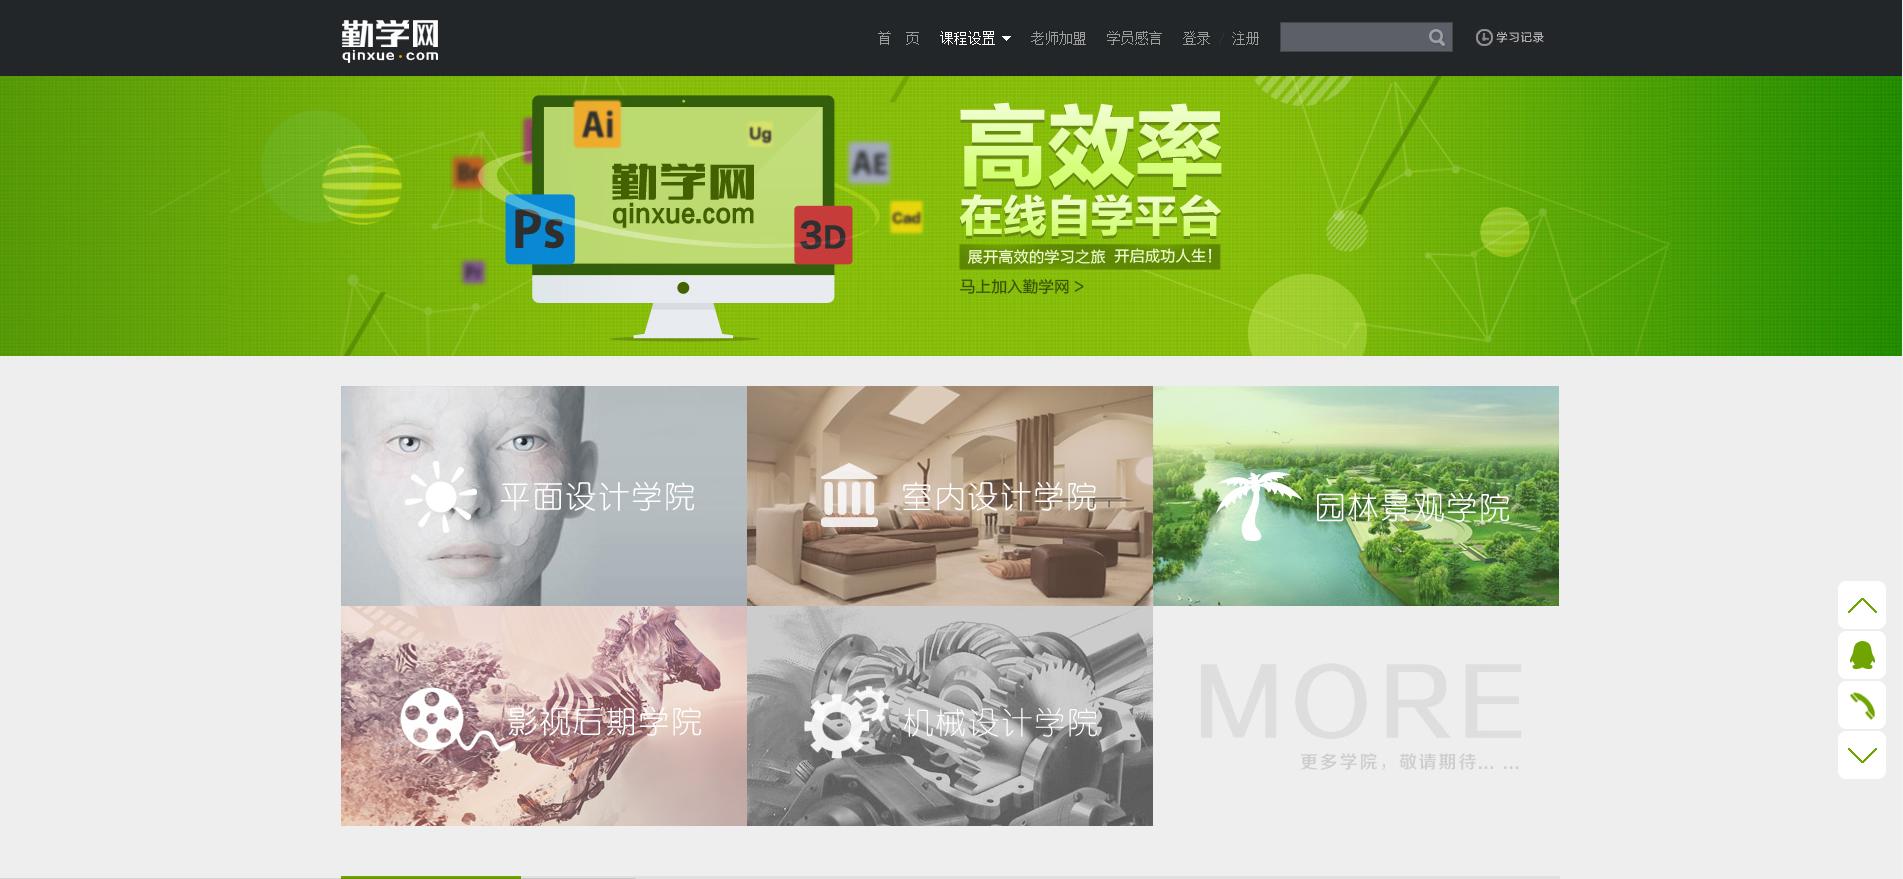 教育培训机构PC版网站模板整站下载